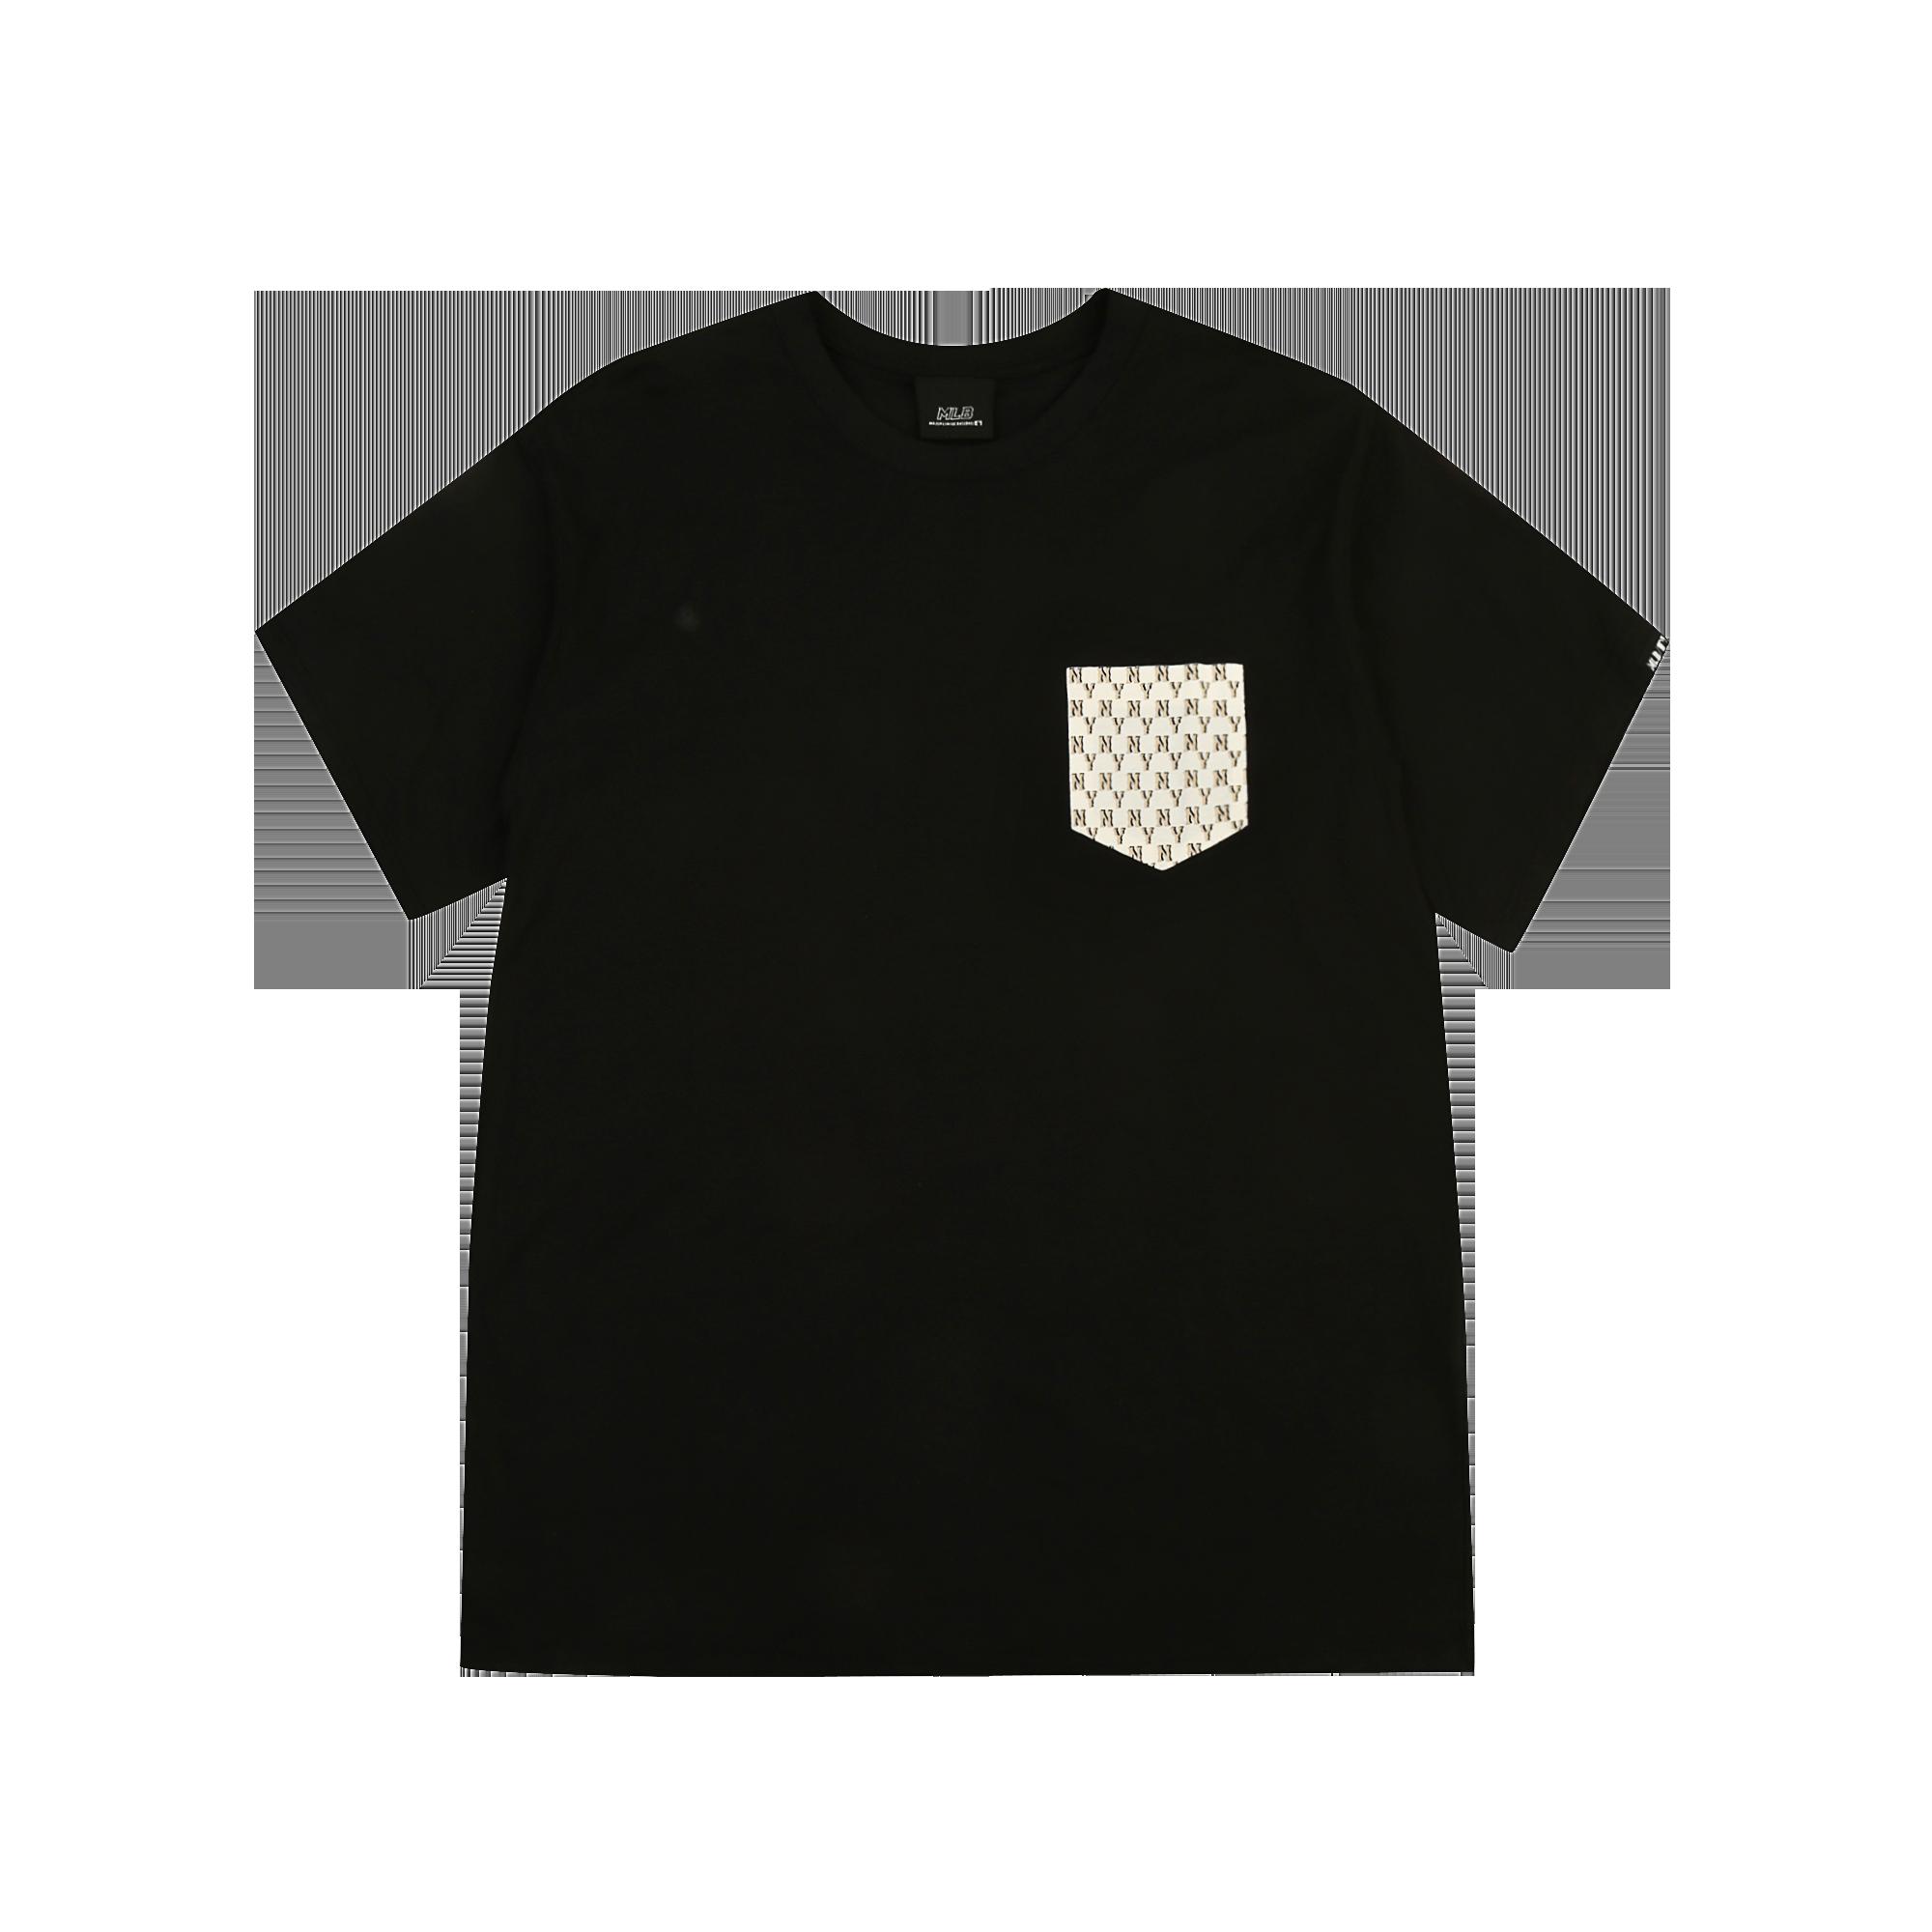 모노그램 포켓 반팔 티셔츠 뉴욕양키스